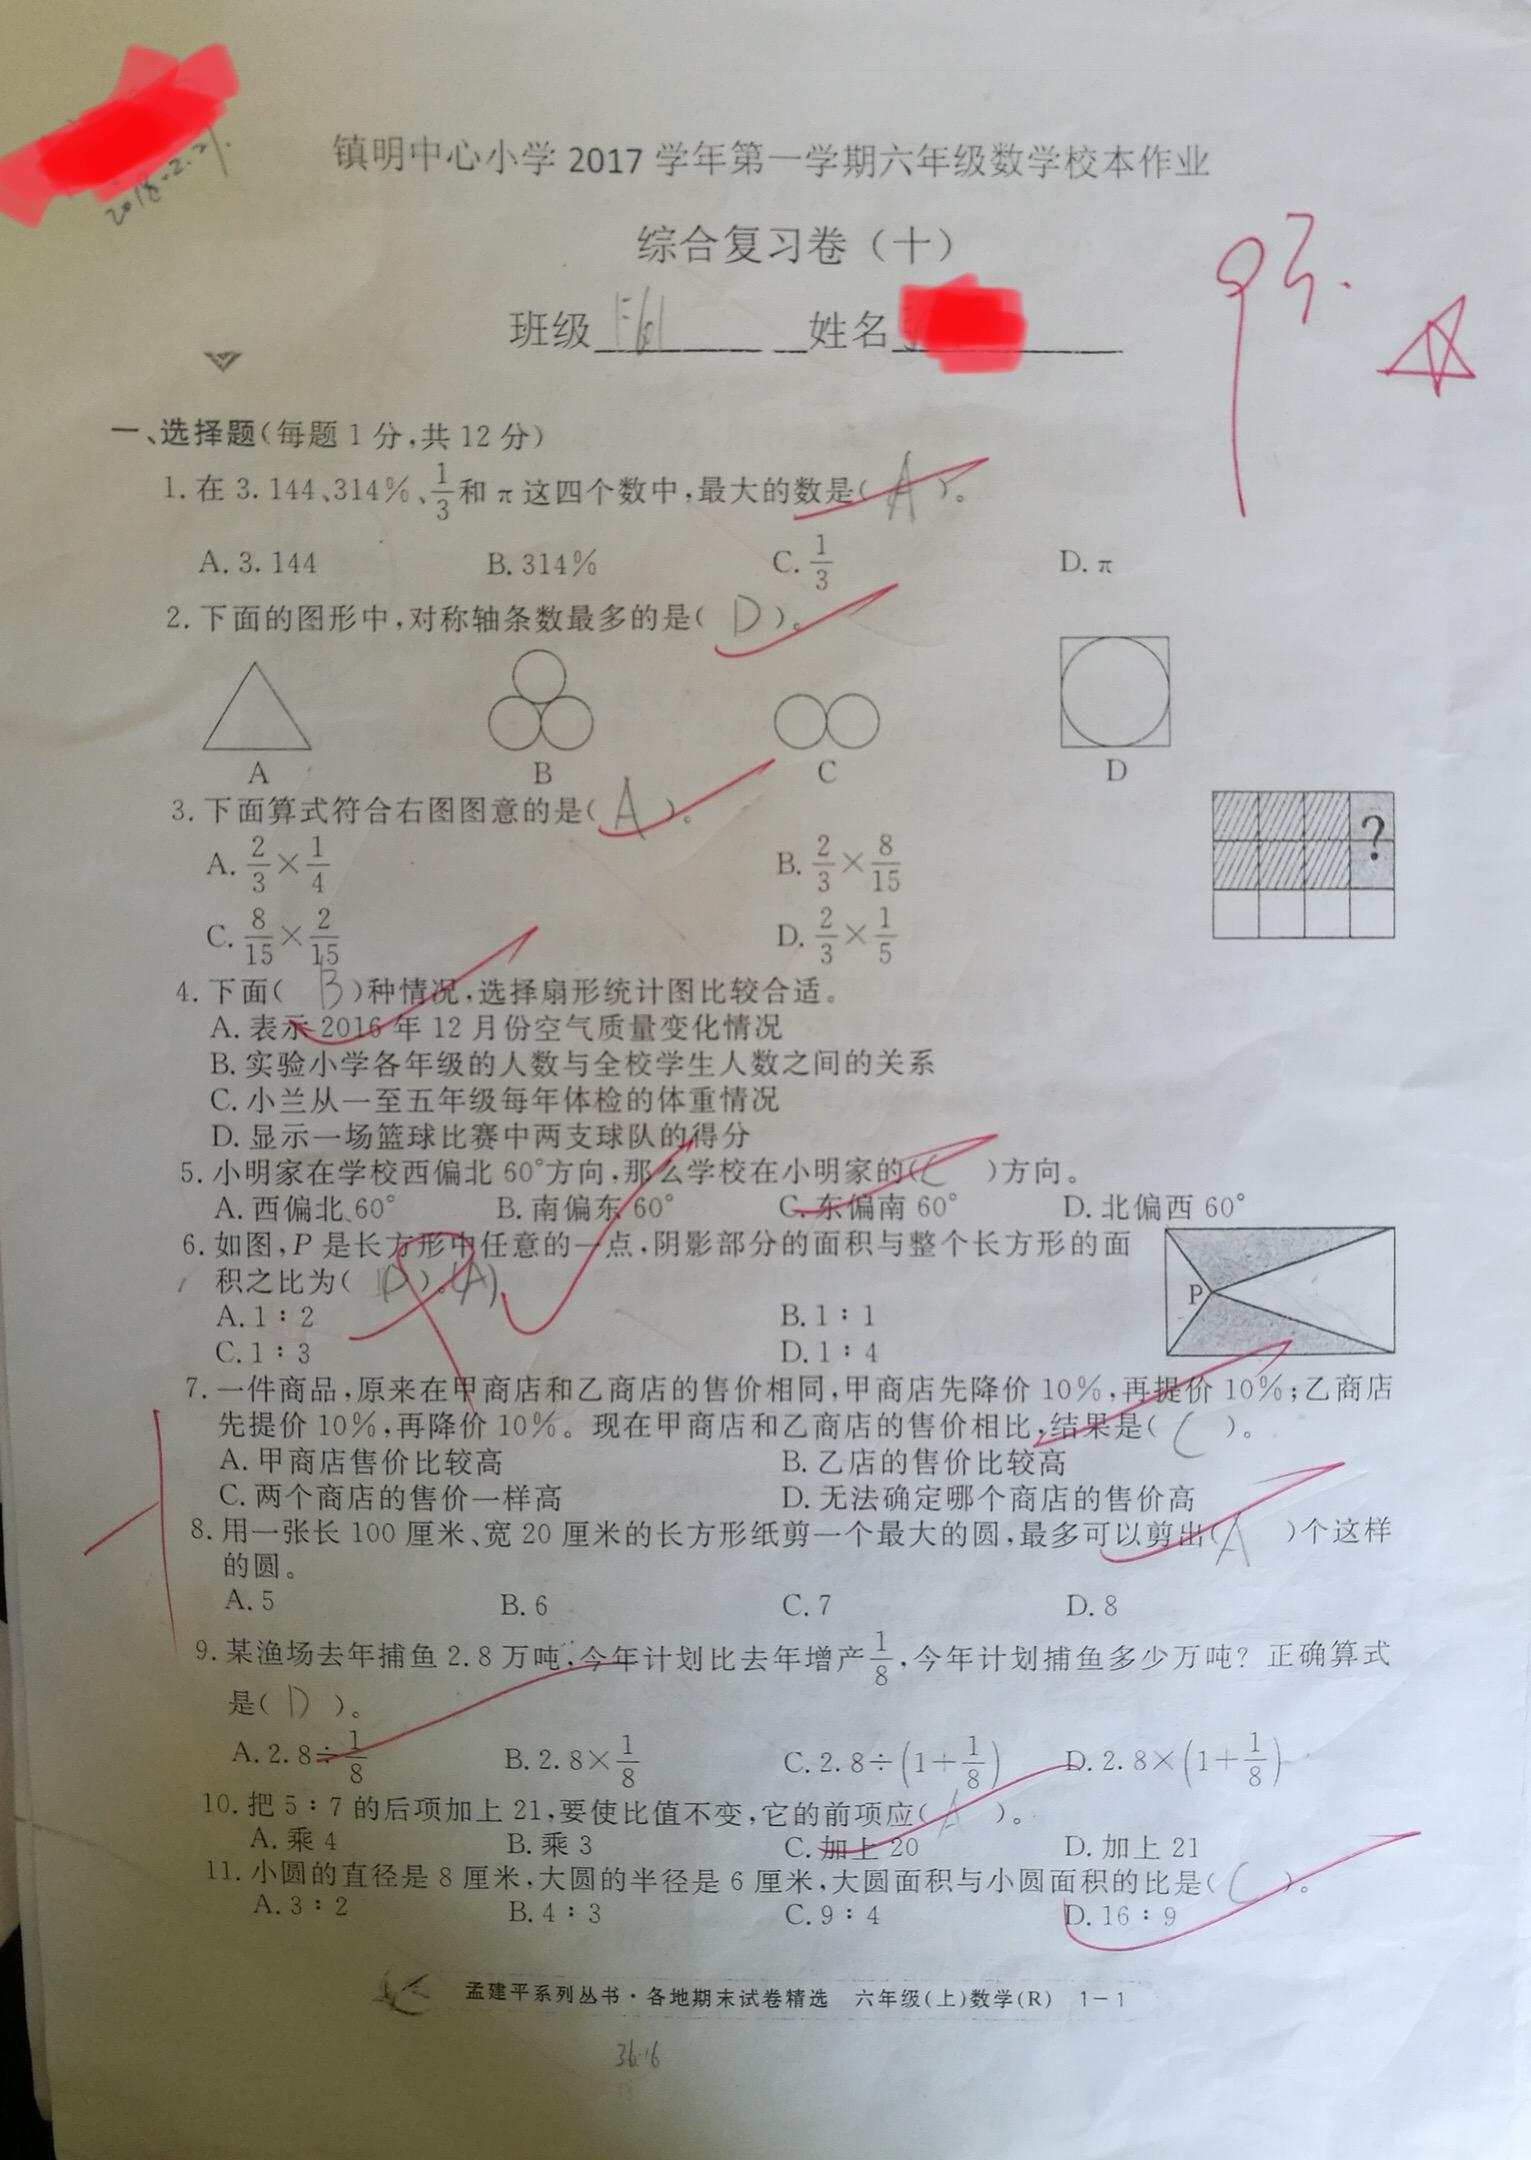 梁老师师相册24